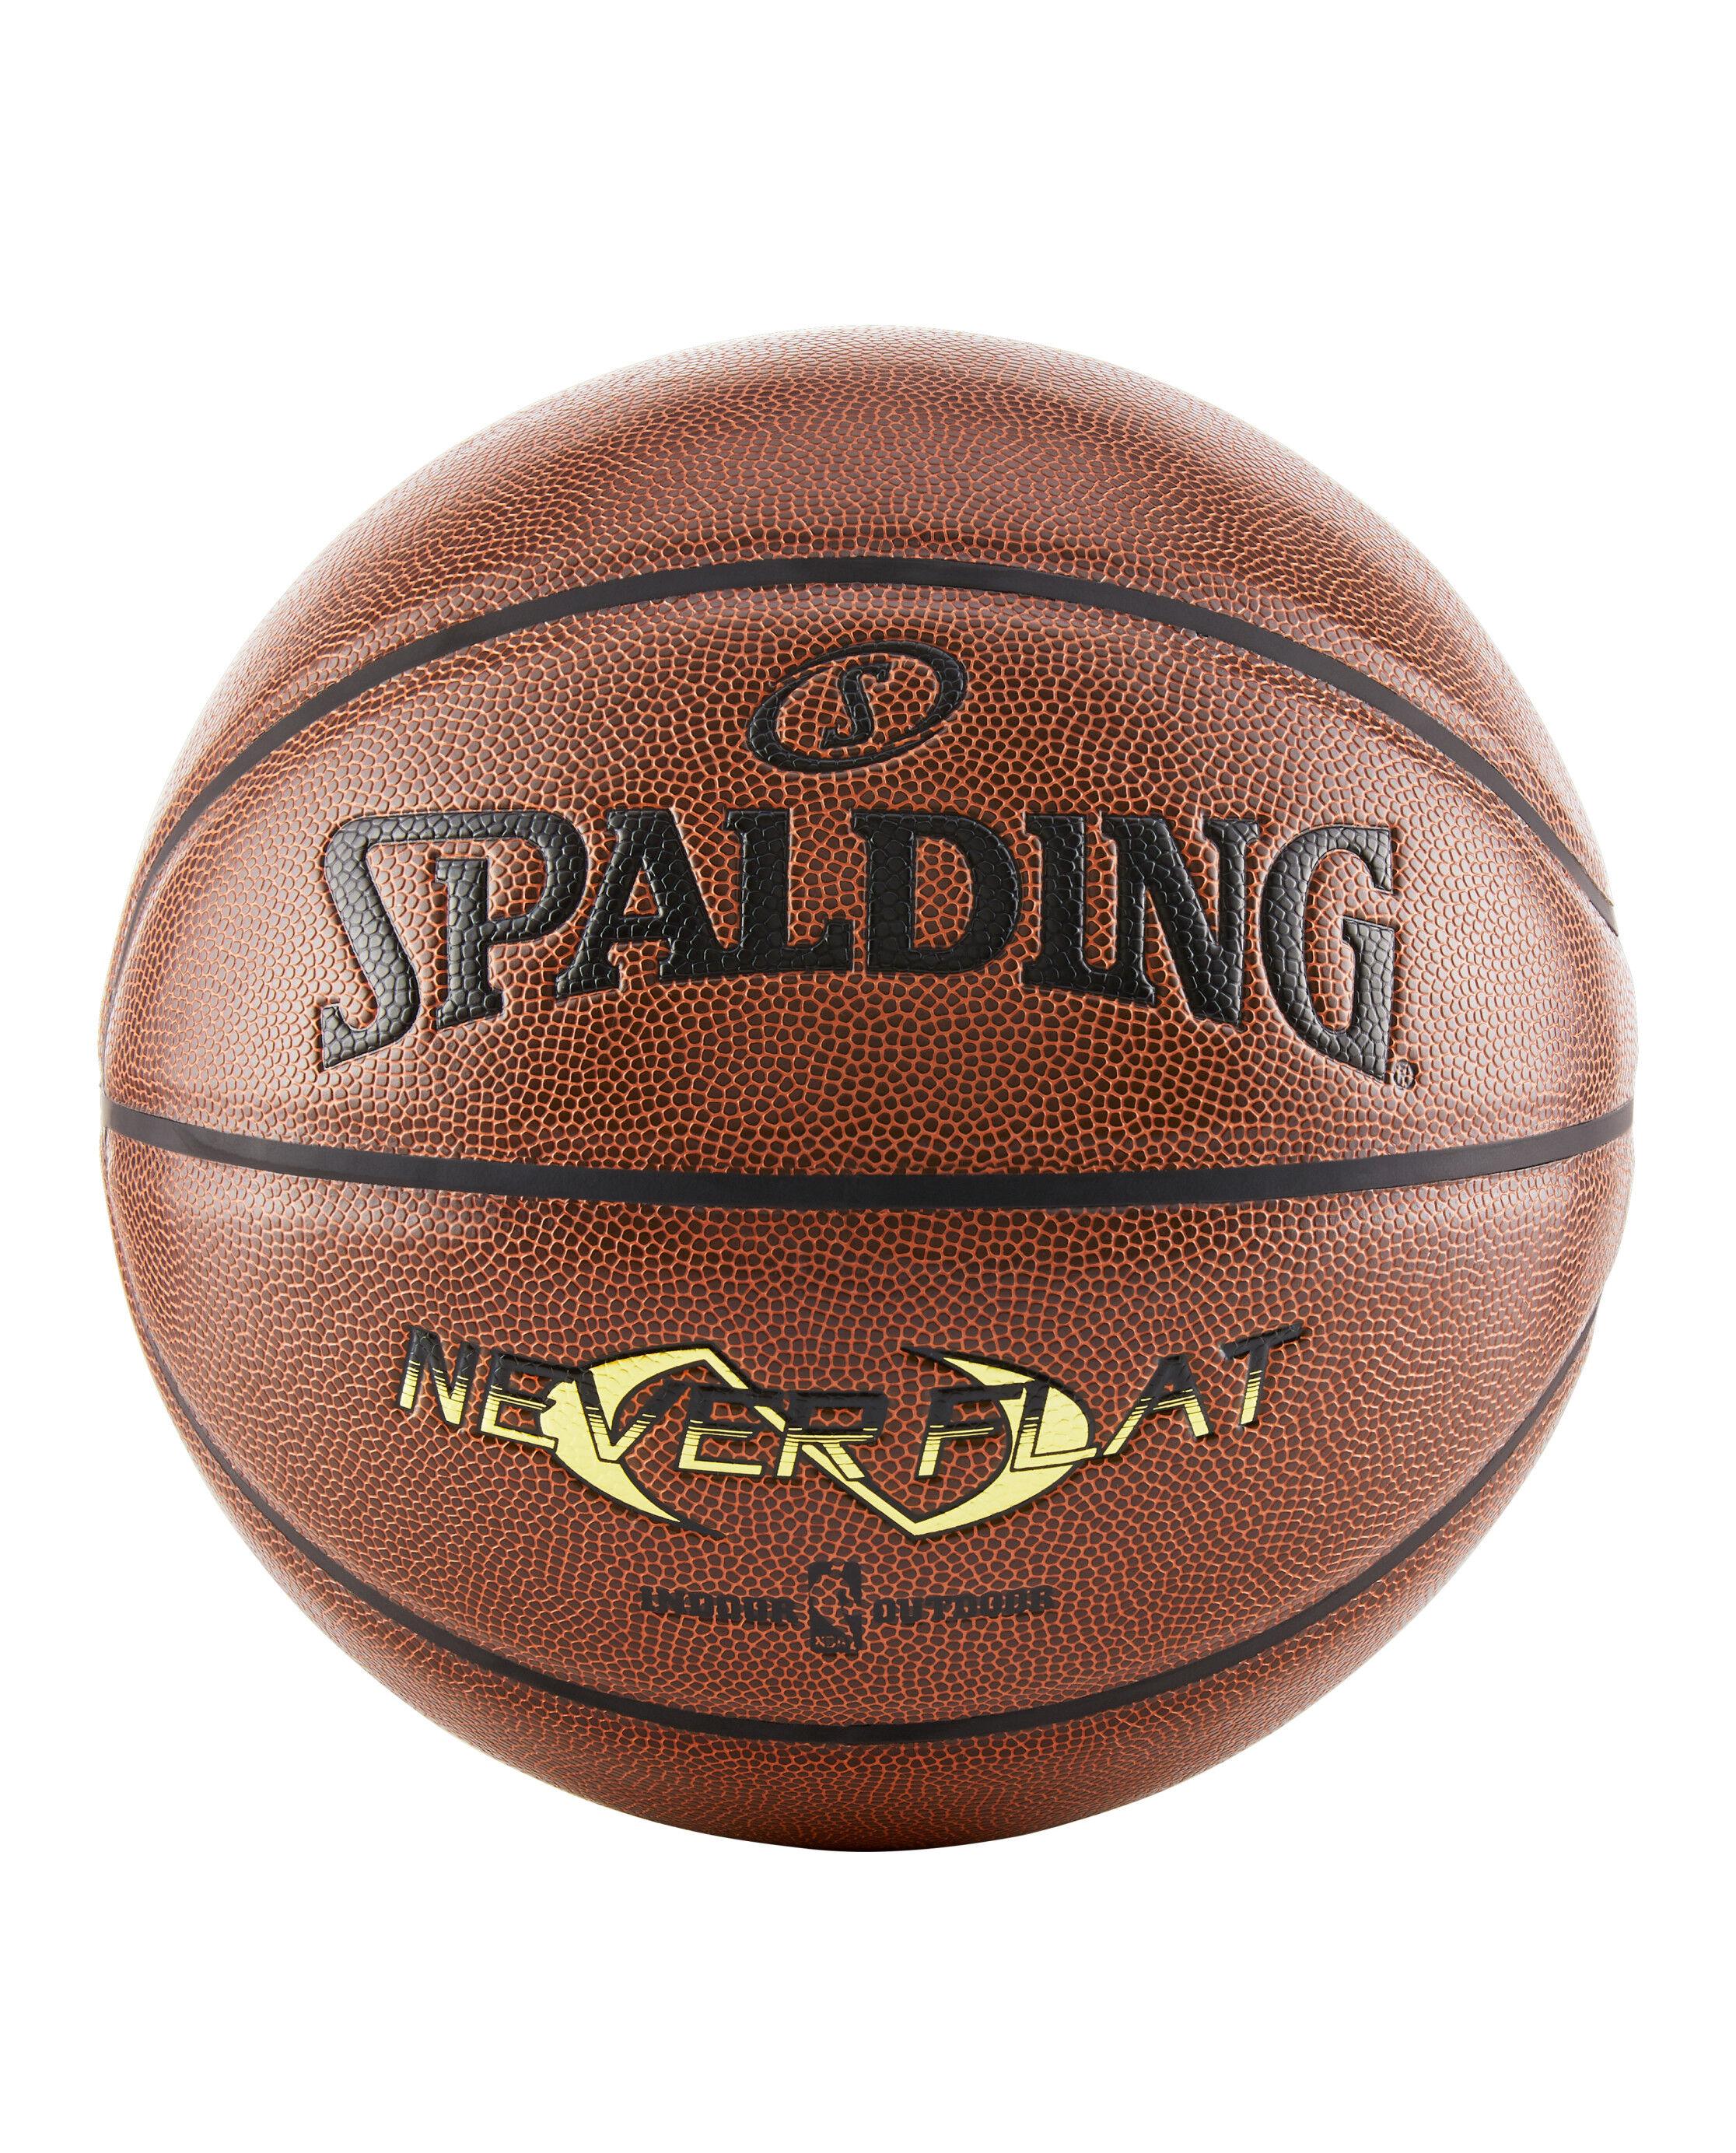 Outdoor Basketball Spalding Never Flat Indoor